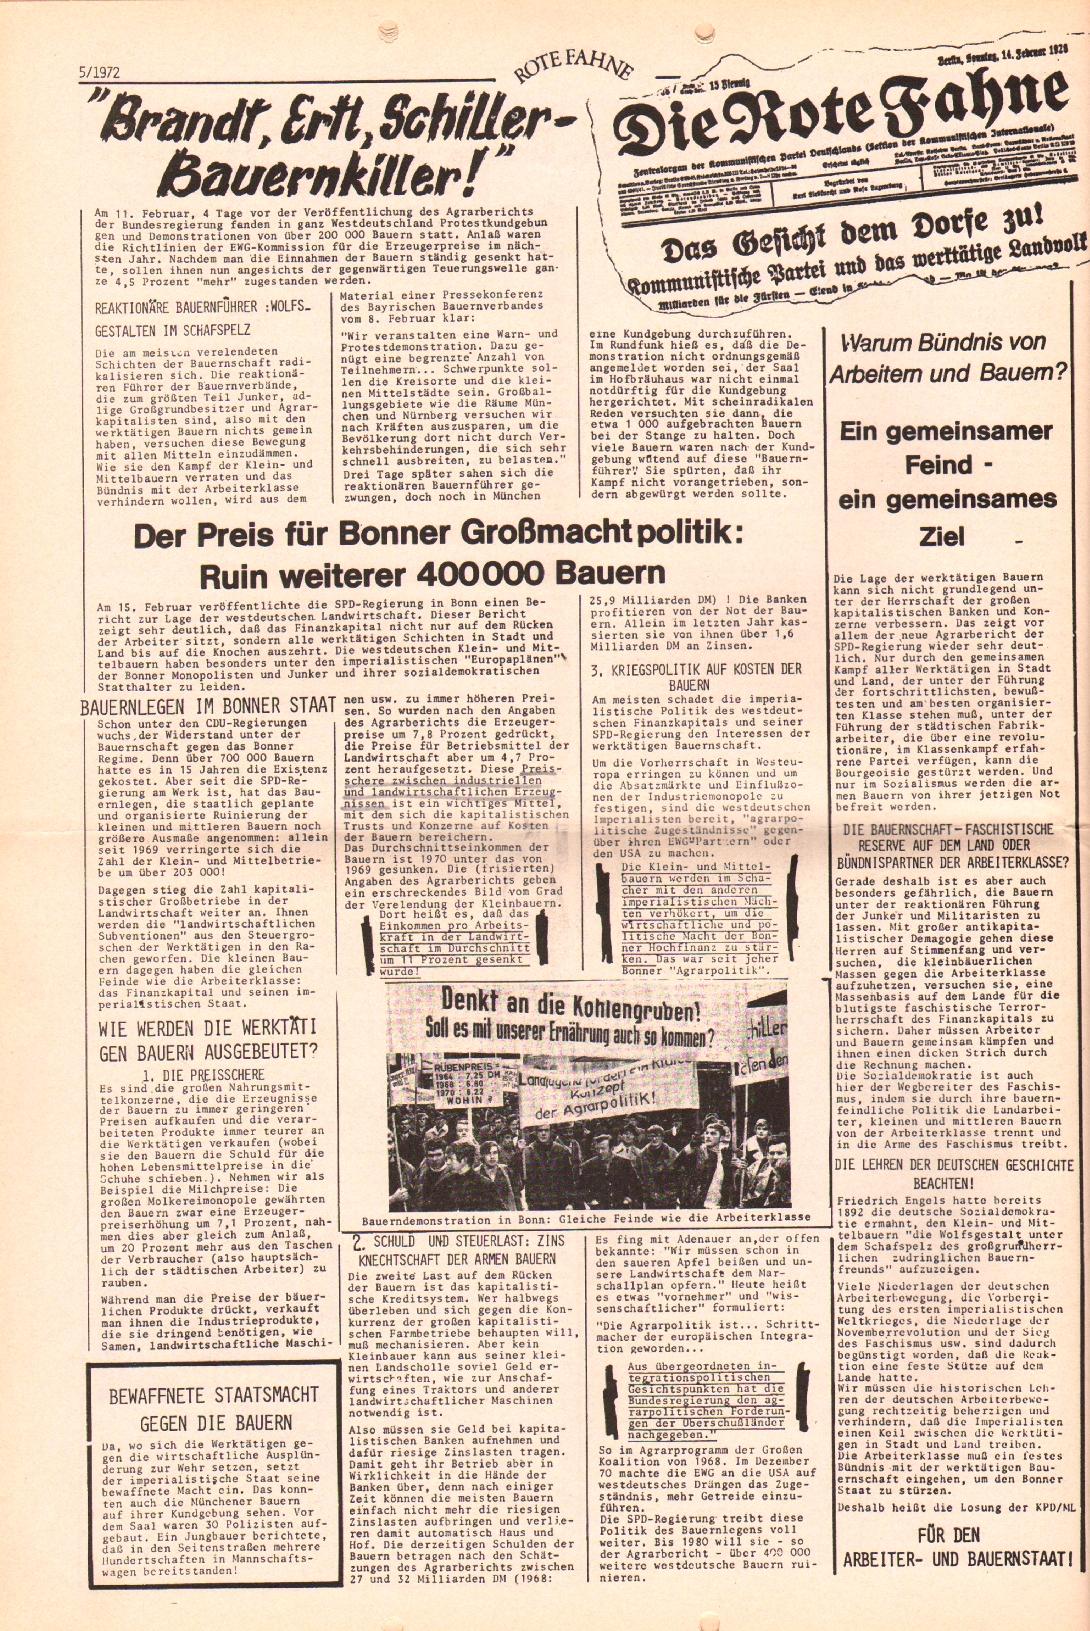 Rote Fahne, 3. Jg., 6.3.1972, Nr. 5, Seite 10